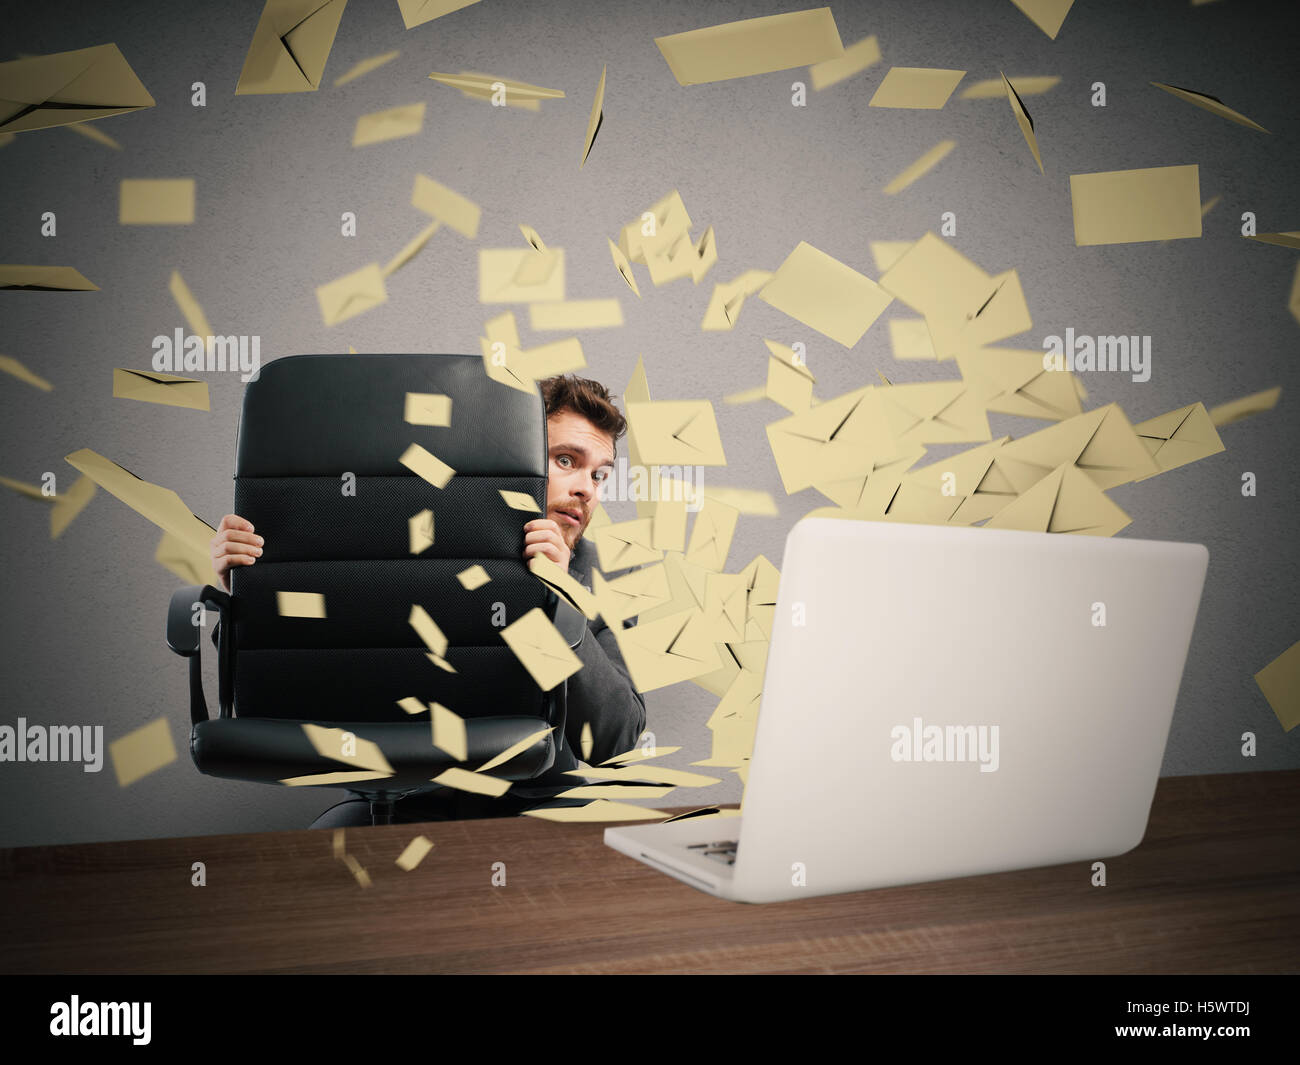 Spaventata da troppe email Immagini Stock